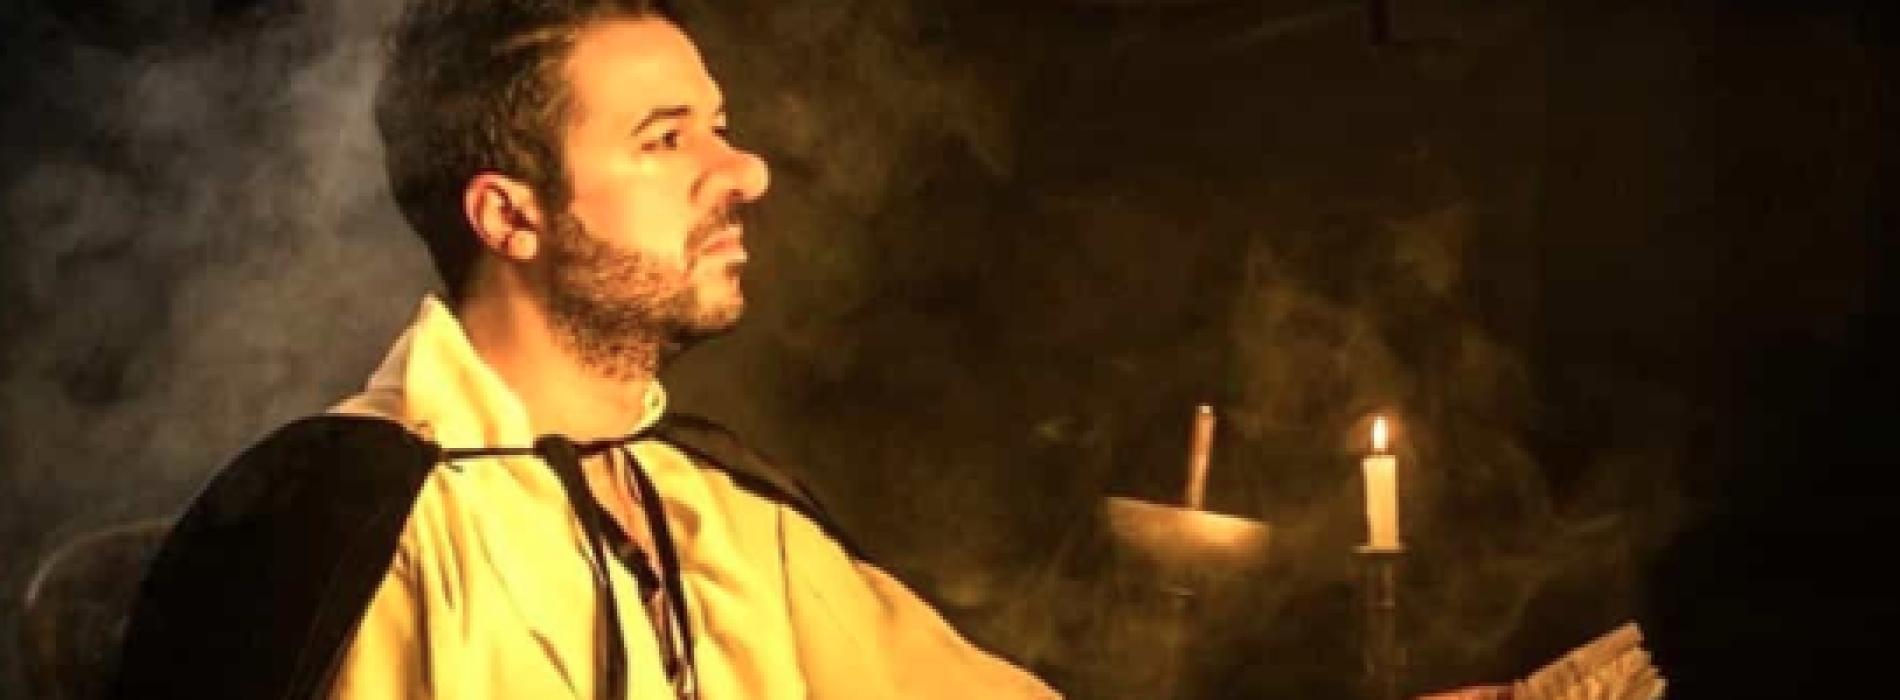 Cyrano de Bergerac va in scena all'Aperia della Reggia